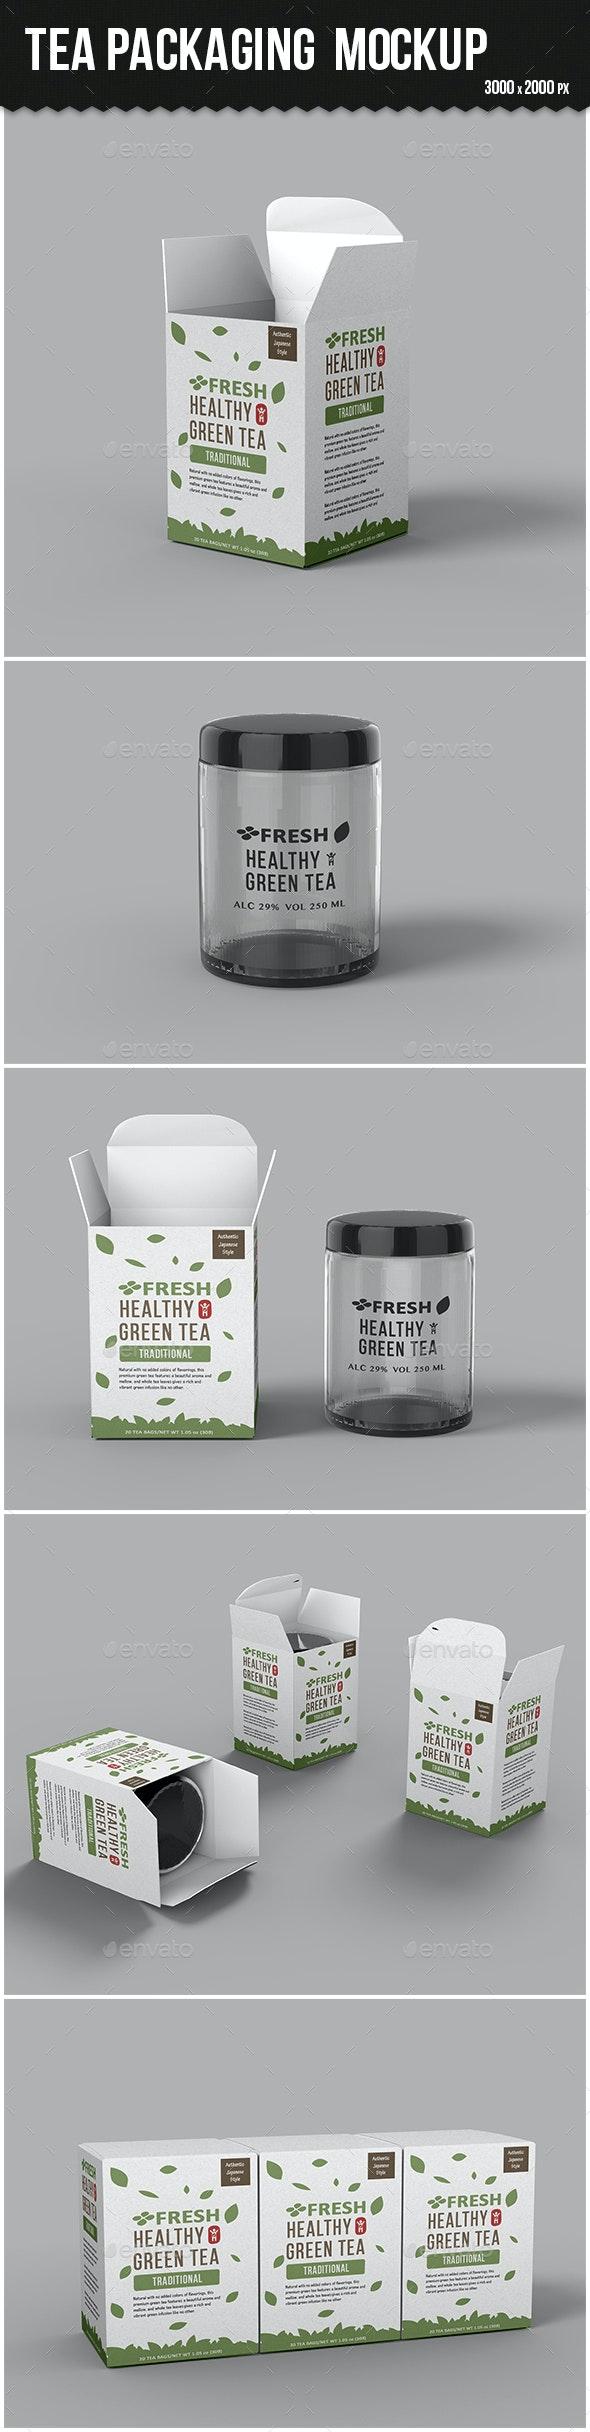 Tea Packaging Box Mockup - Food and Drink Packaging